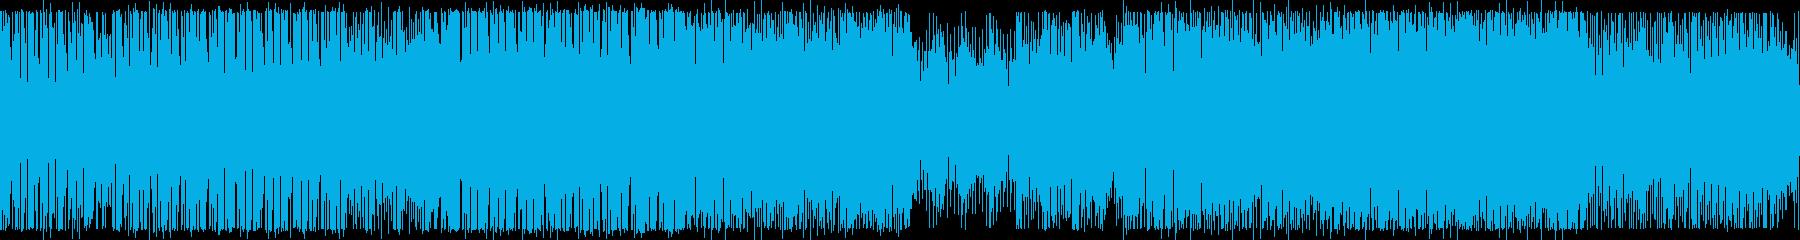 BPM160:ワークアウト:ループ版の再生済みの波形